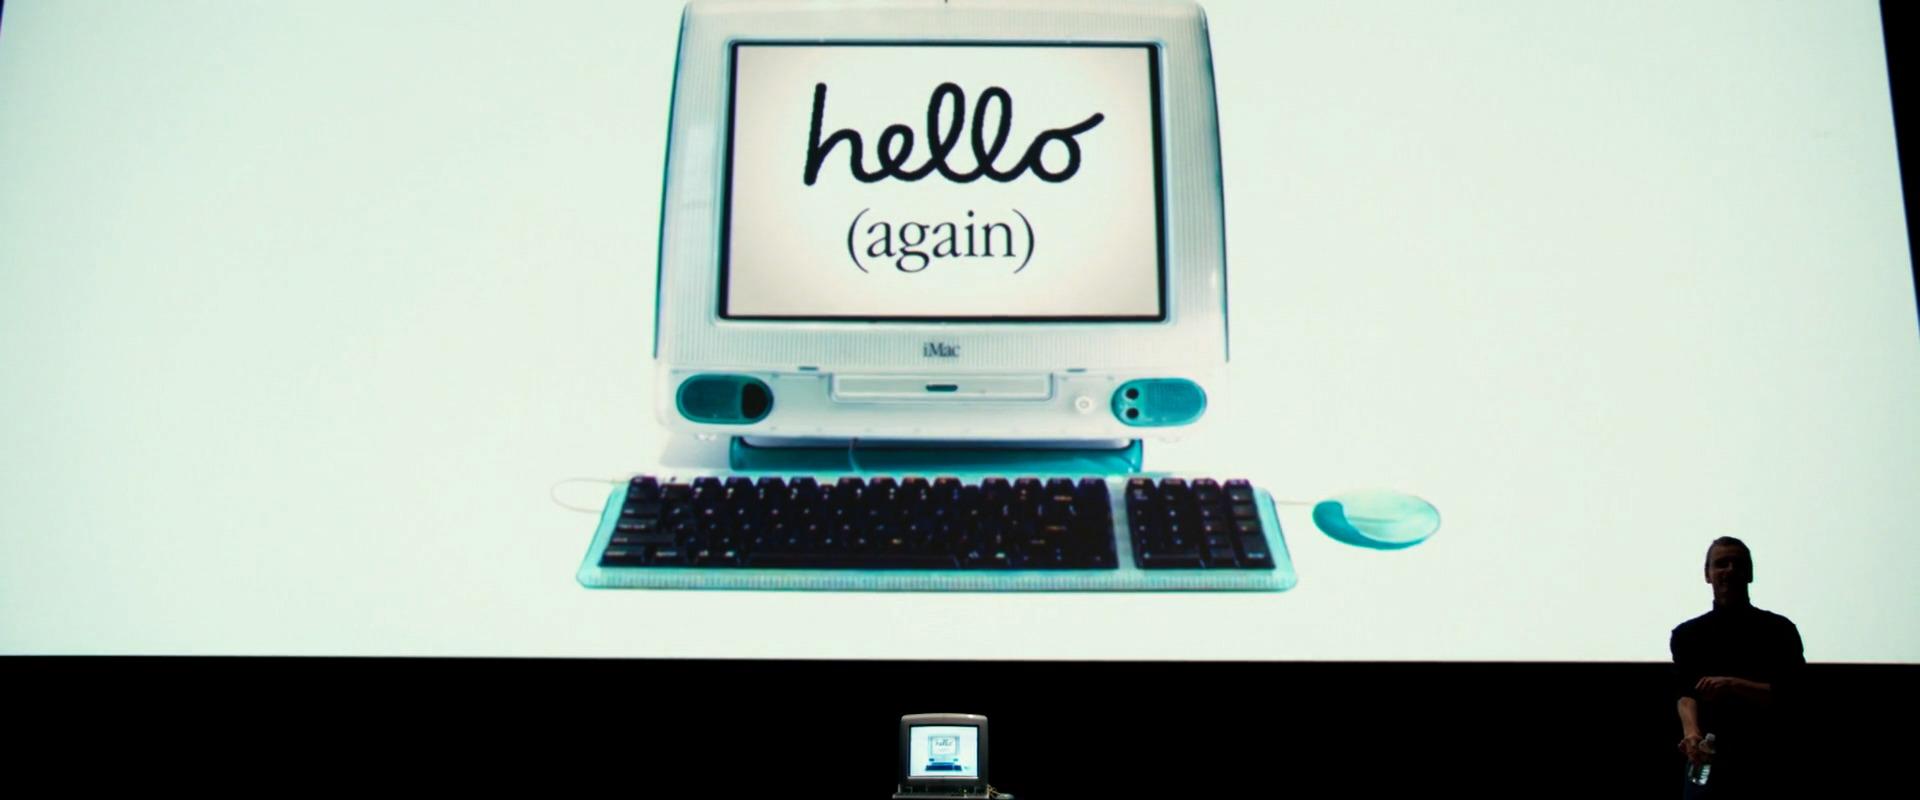 SteveJobs 2303.jpg